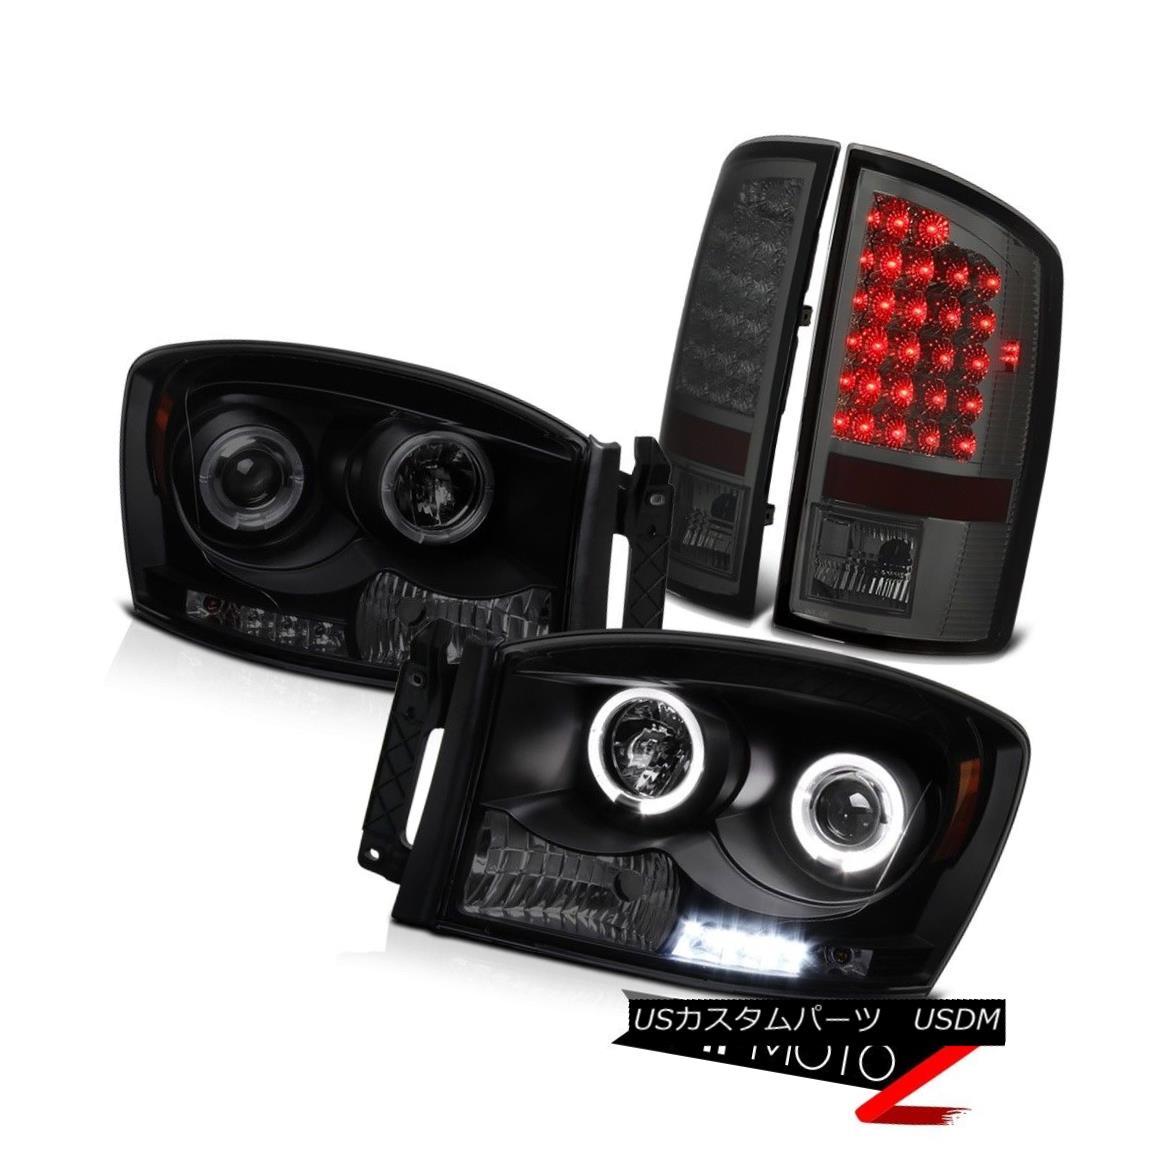 ヘッドライト 2006 Dodge Ram 4x4 LED Daytime Headlight Darkest Smoke Projector LED Tail Lights 2006 Dodge Ram 4x4 LED昼間ヘッドライト暗い煙プロジェクターLEDテールライト